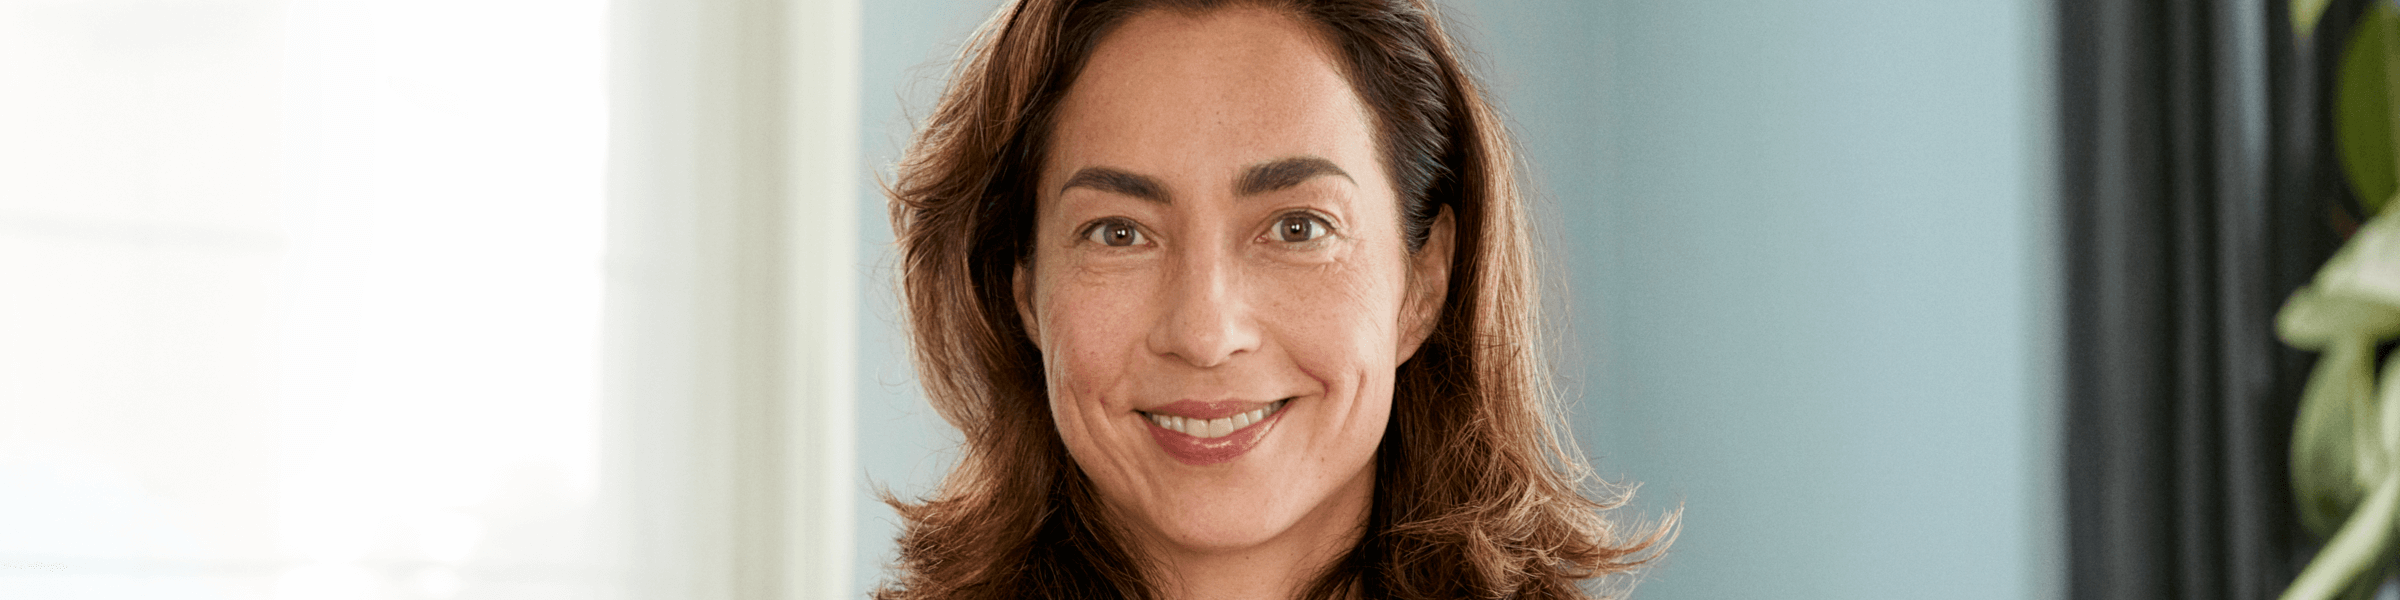 Vrouw van middelbare leeftijd met vergeetachtigheid tijdens de overgang